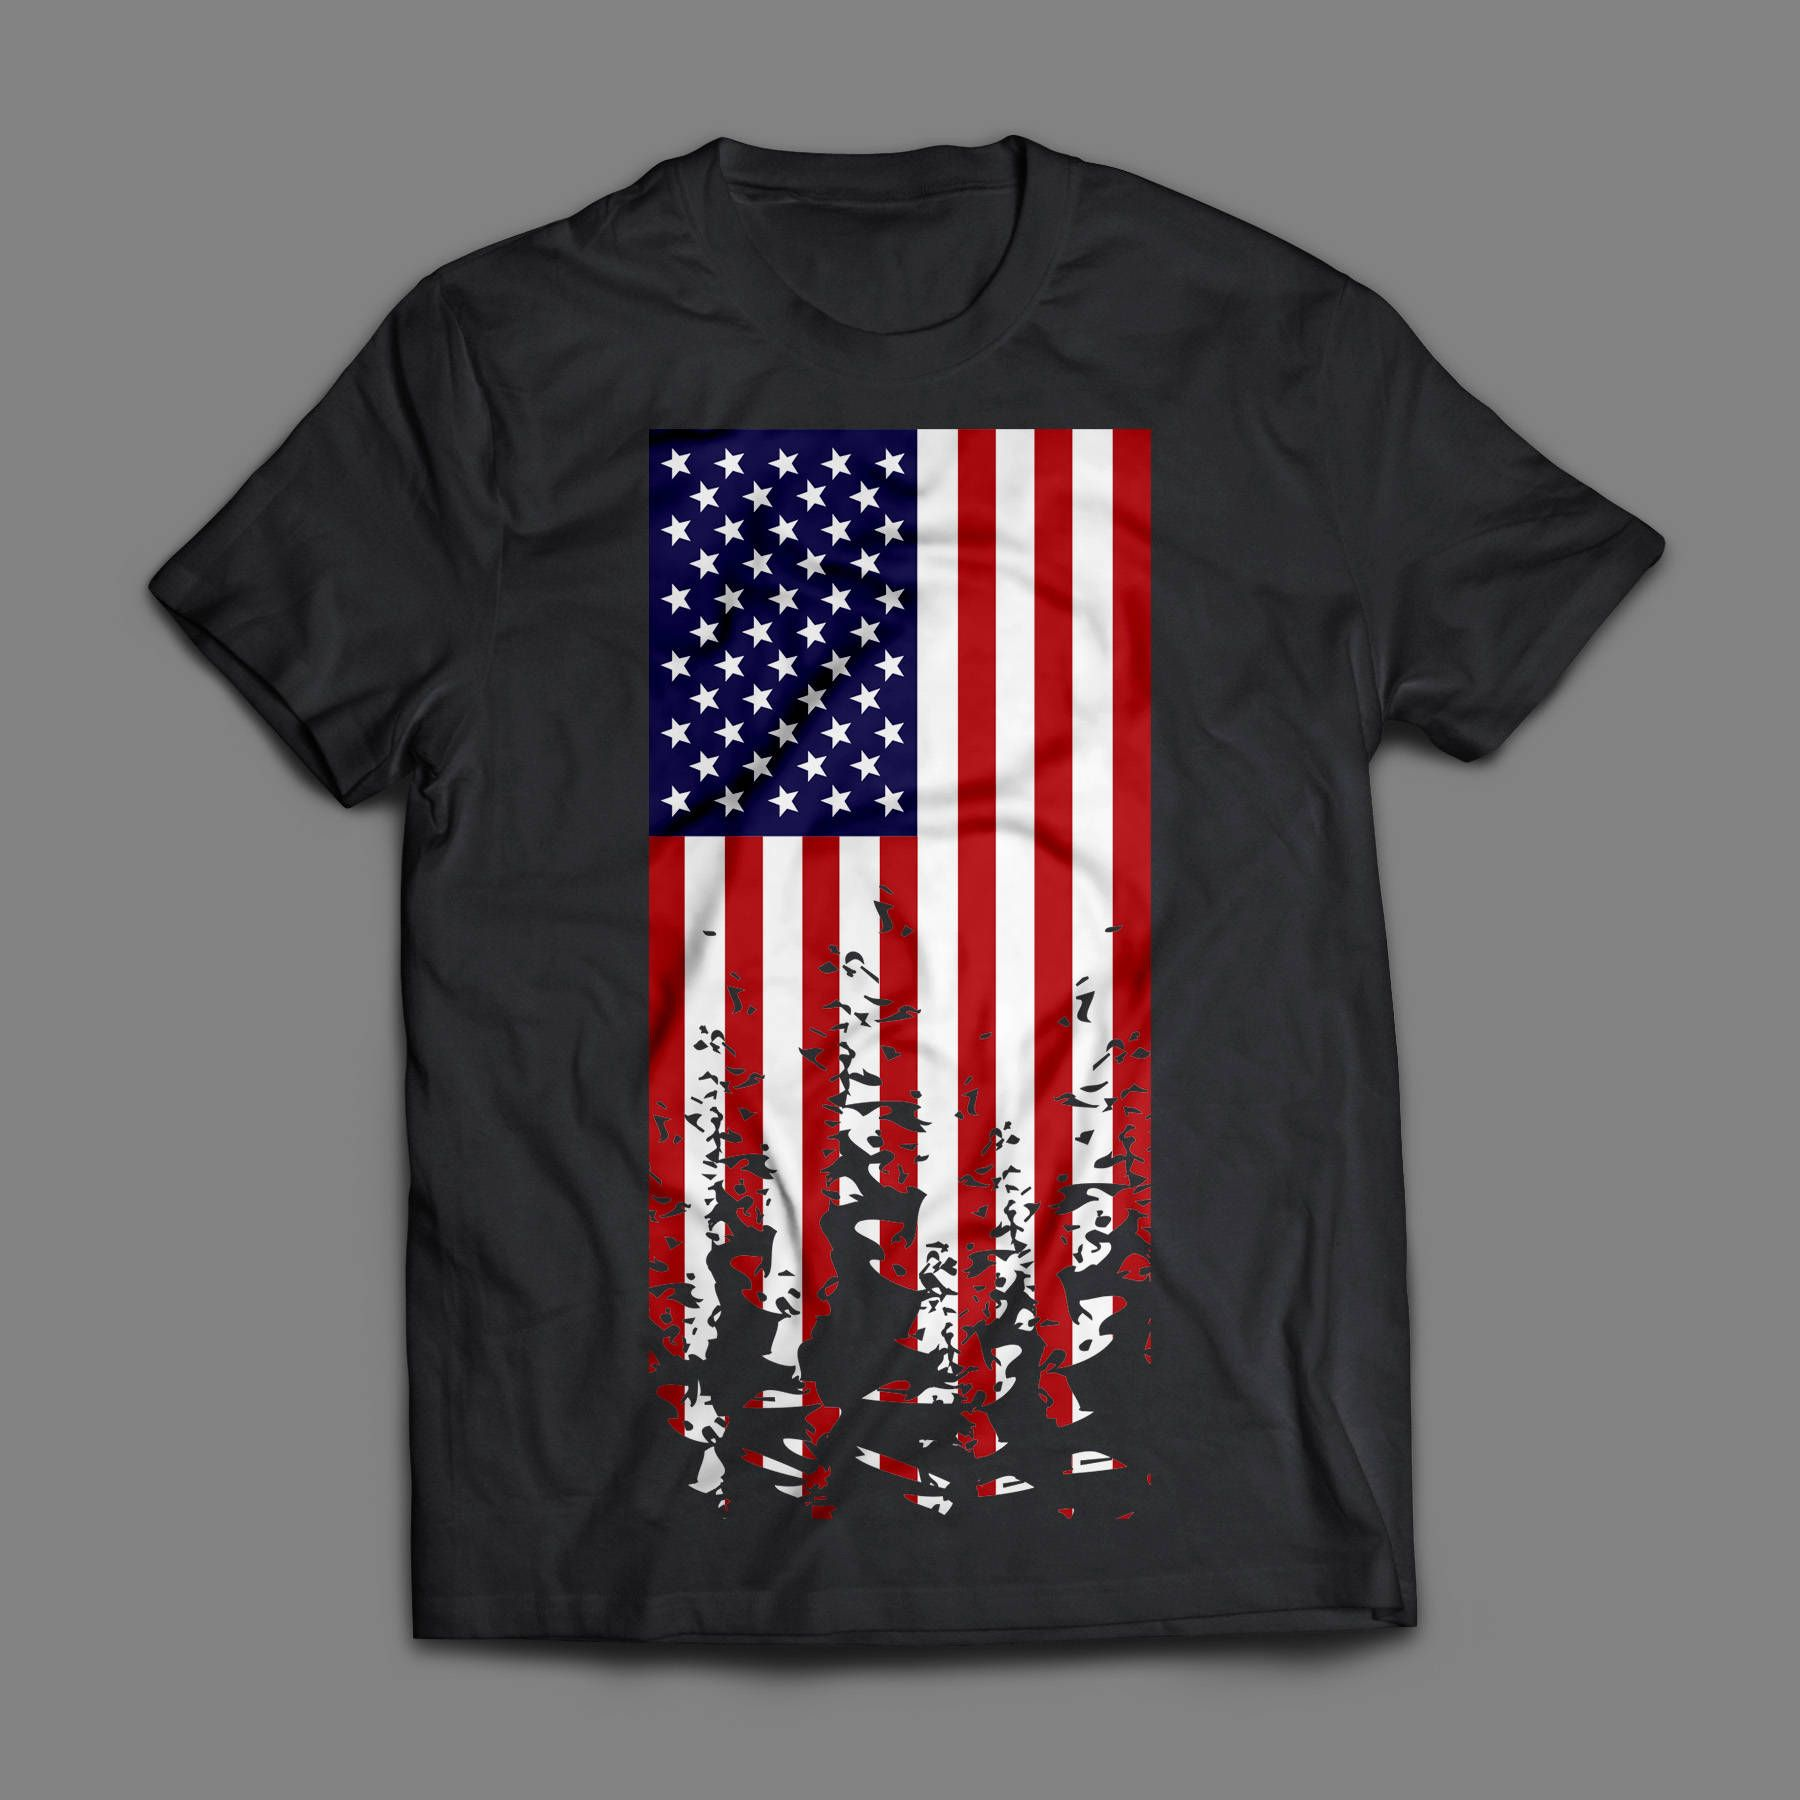 American Flag svg, US flag svg, Distressed flag svg